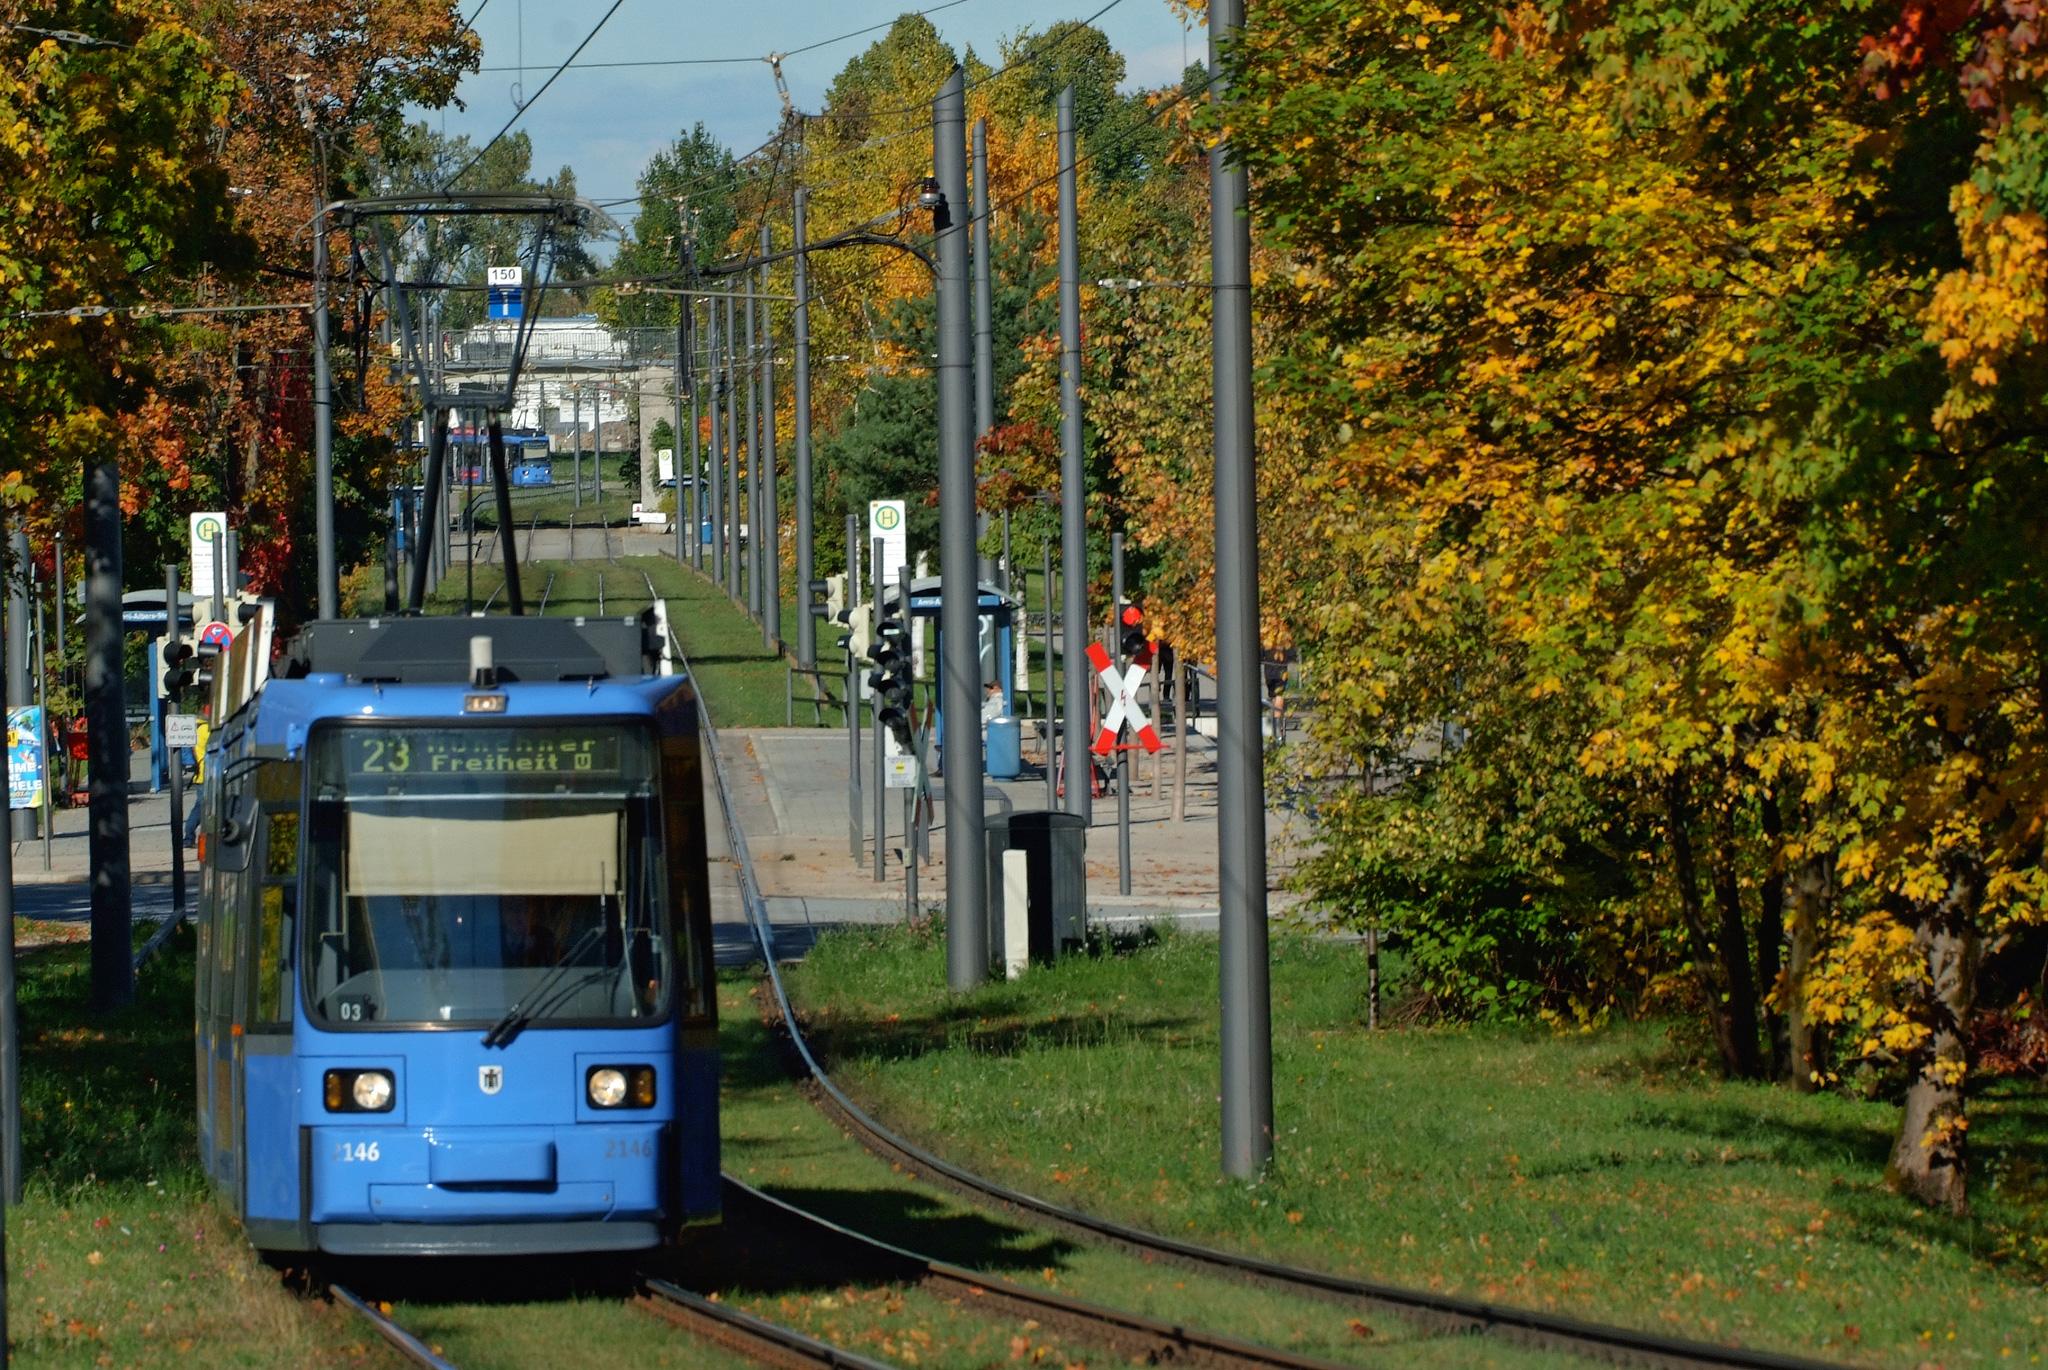 Straßenbahn R2.2 (2146) nach dem Redesign